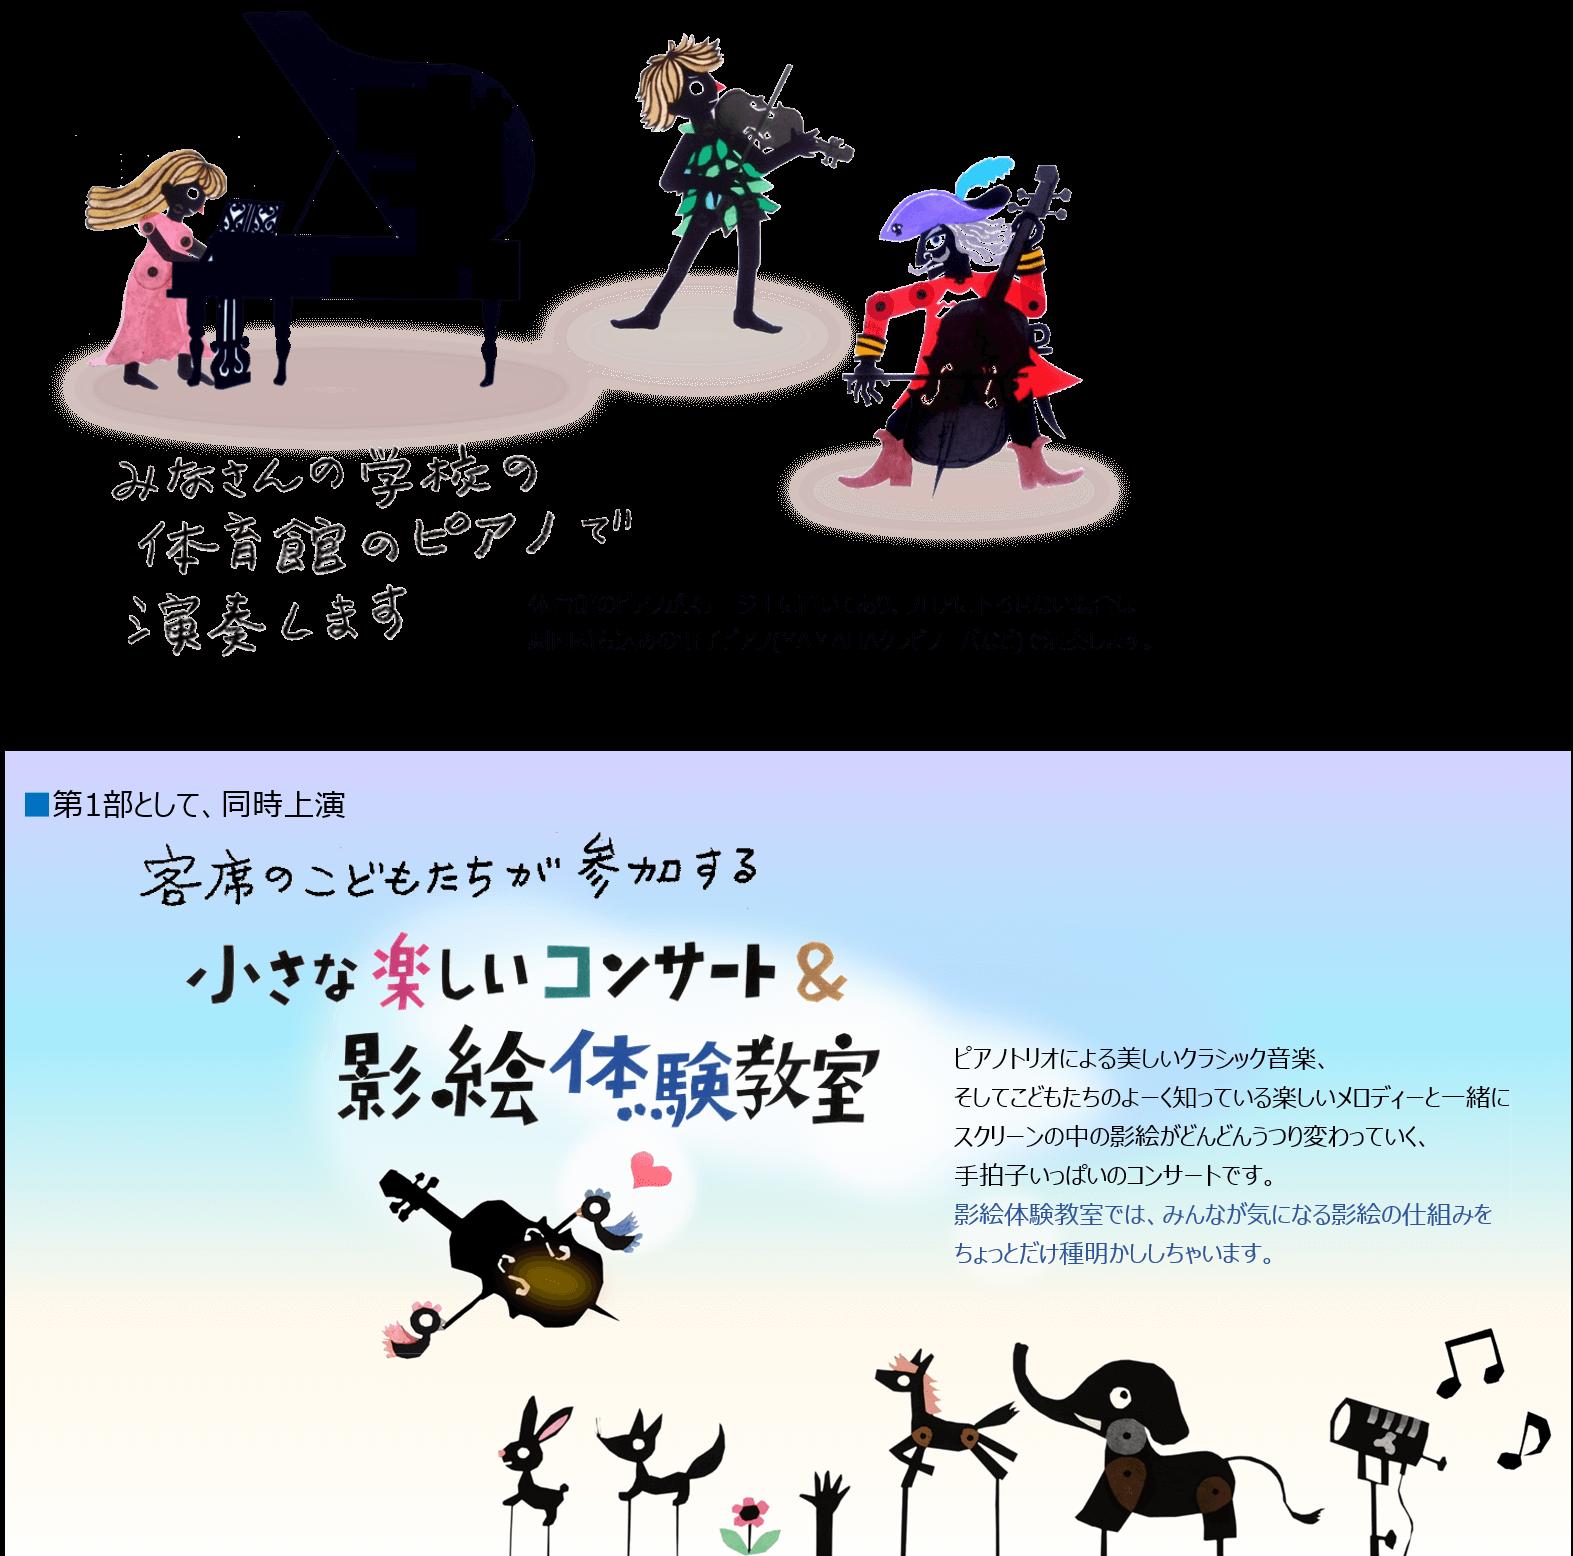 芸術鑑賞教室 音楽鑑賞会 生演奏 ピーター・パン 第1部  (1)